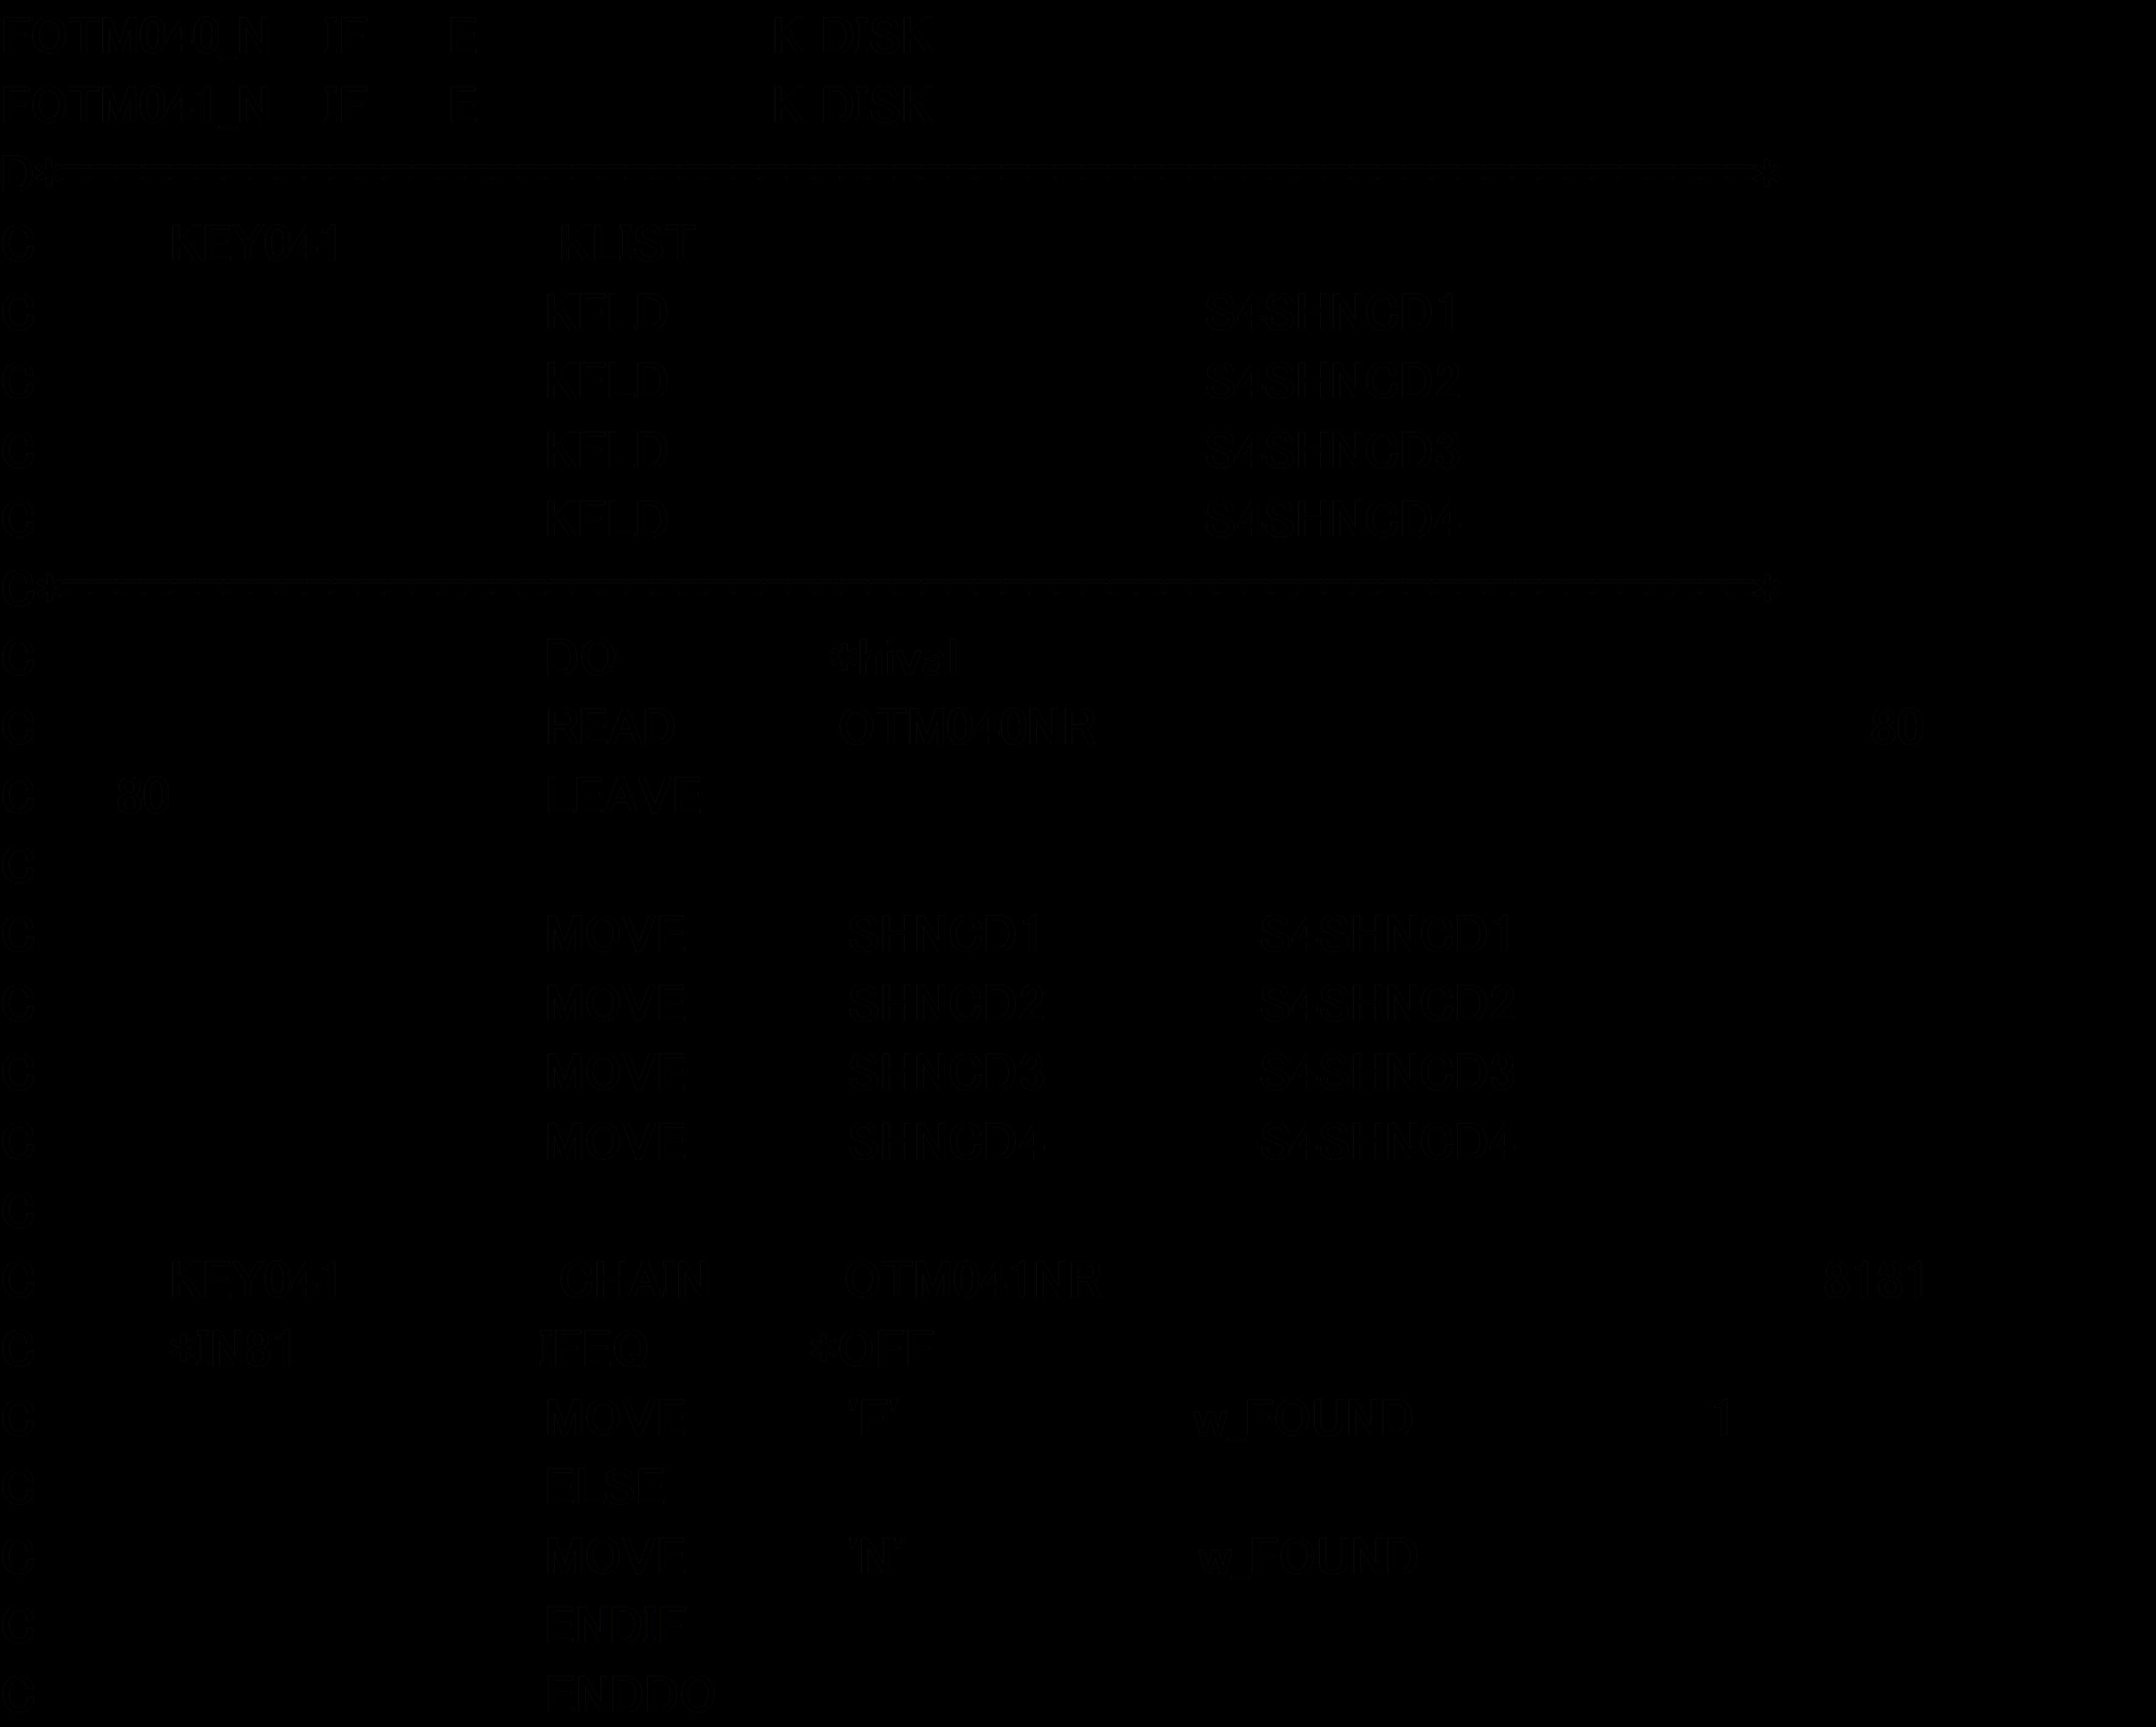 標識を使ったプログラム例